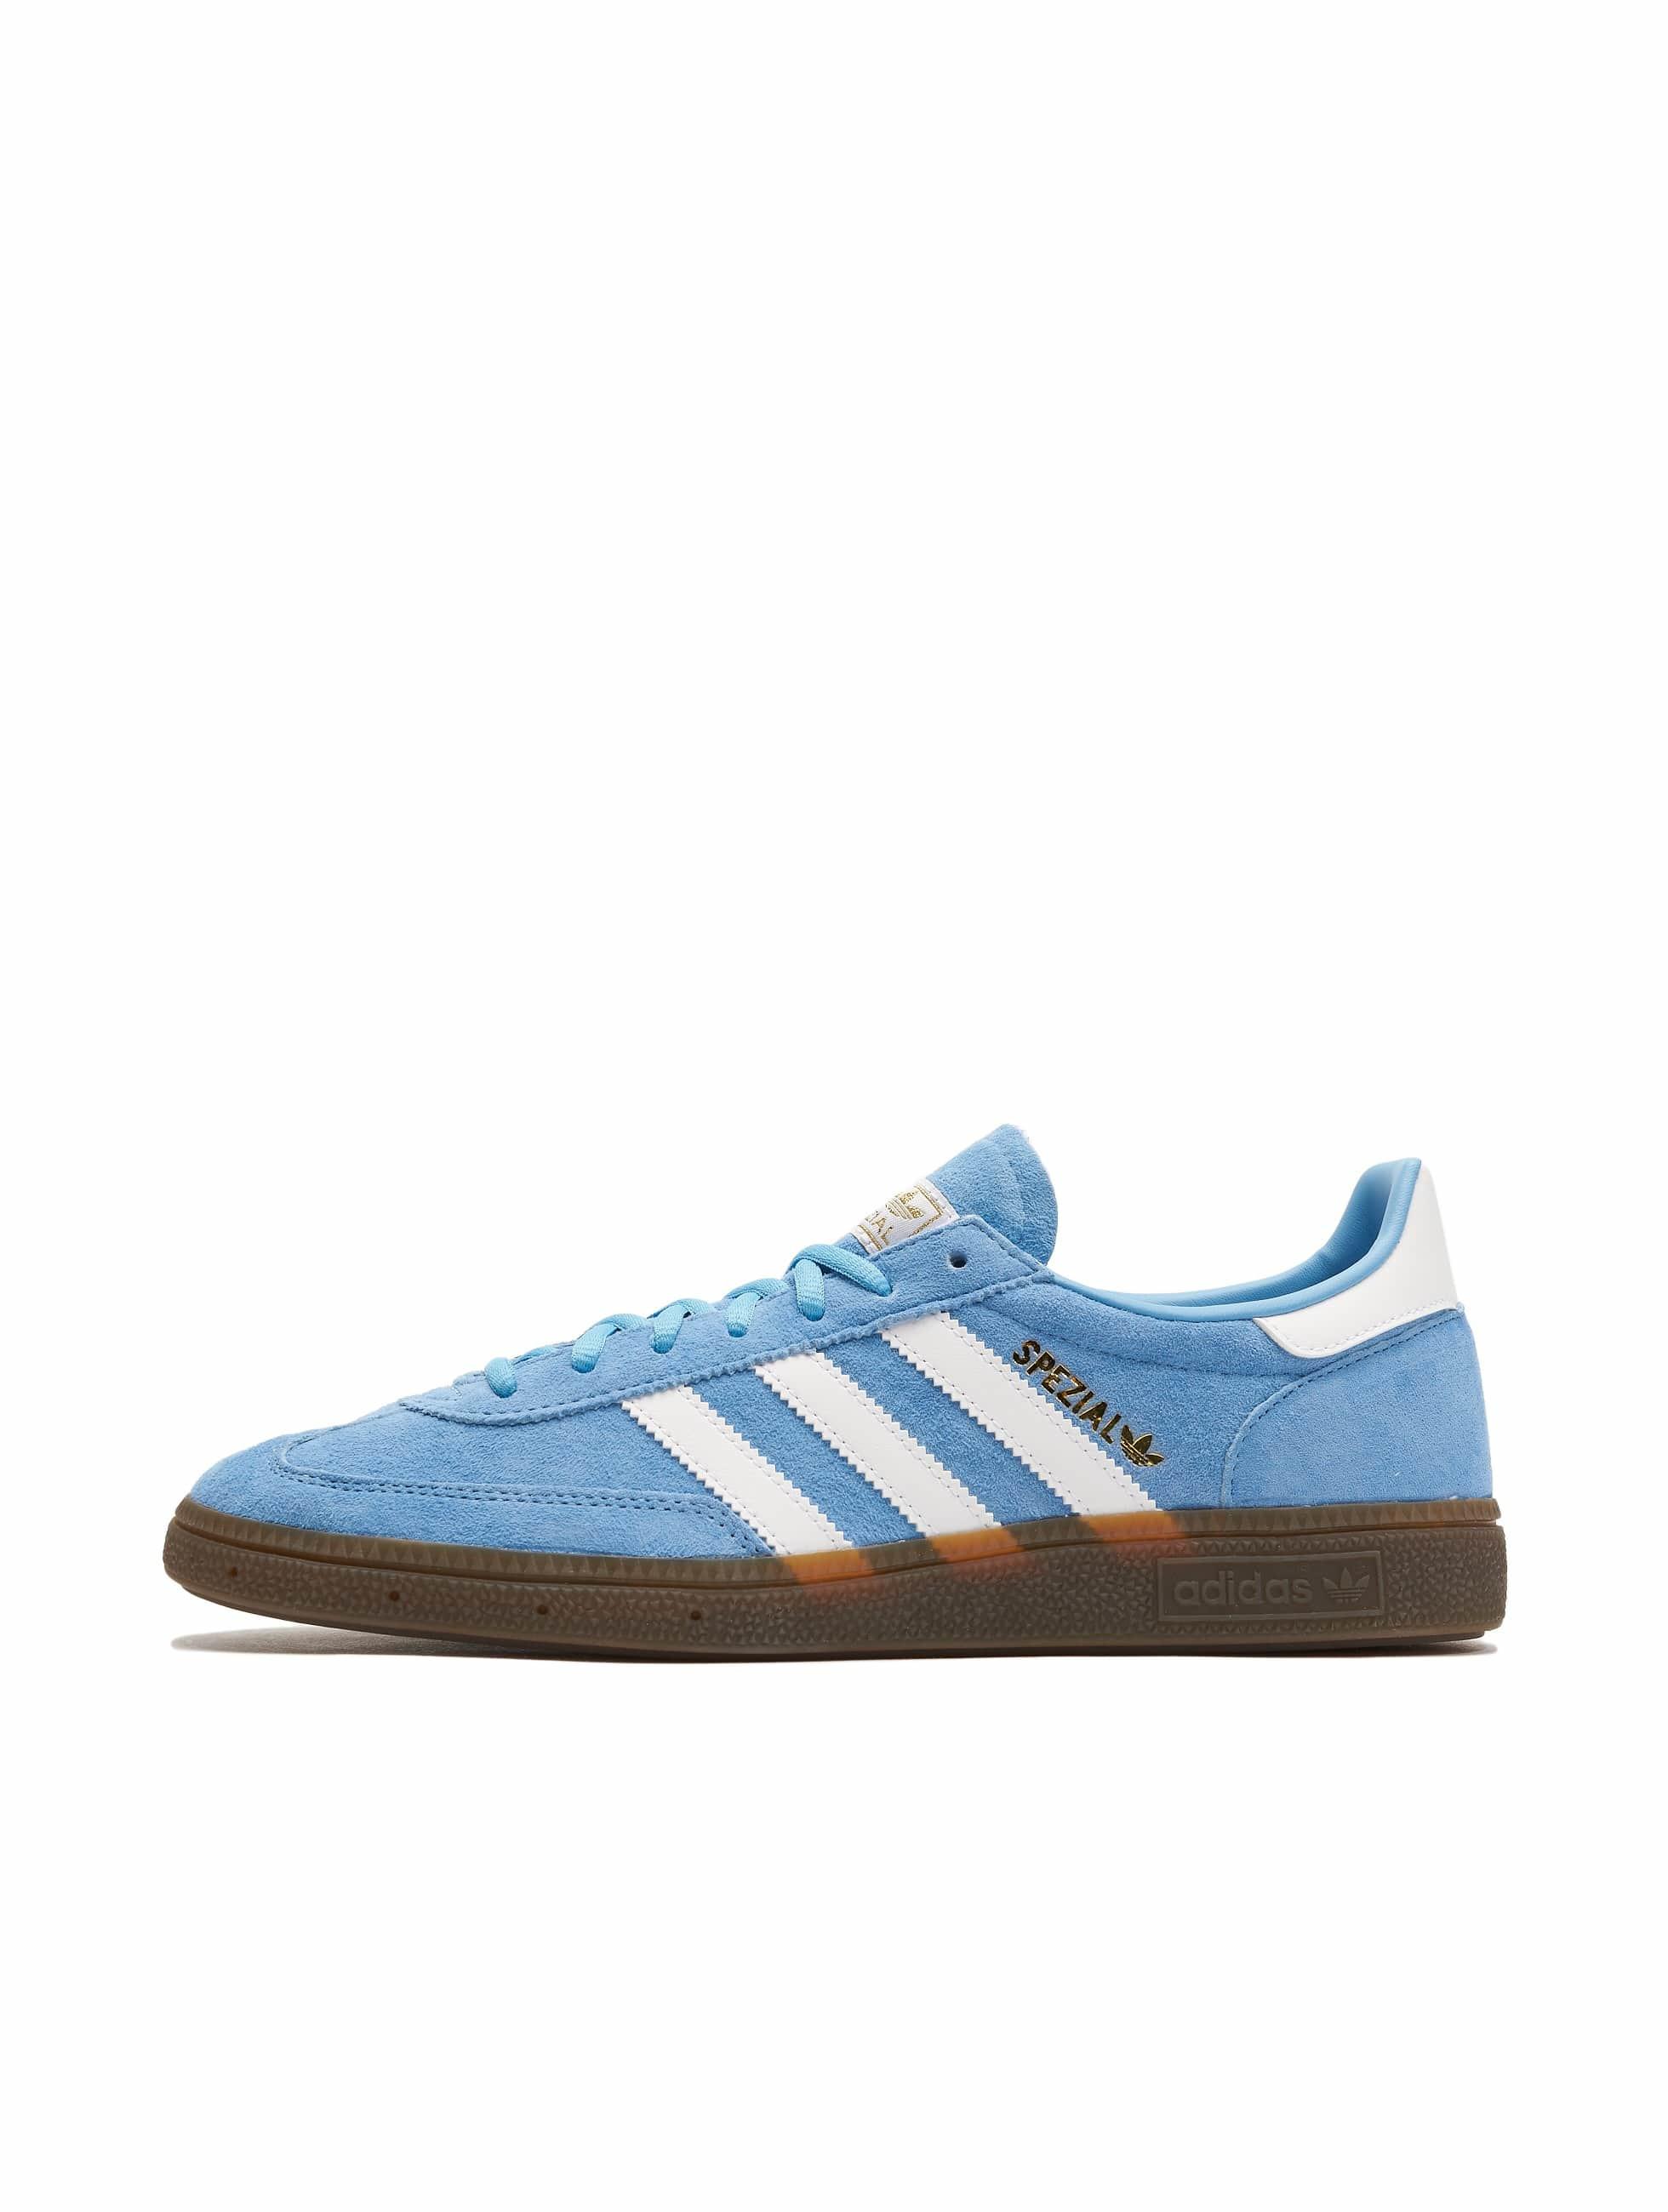 6342b95ad32 adidas originals schoen / sneaker Handball Spezial in blauw 616922